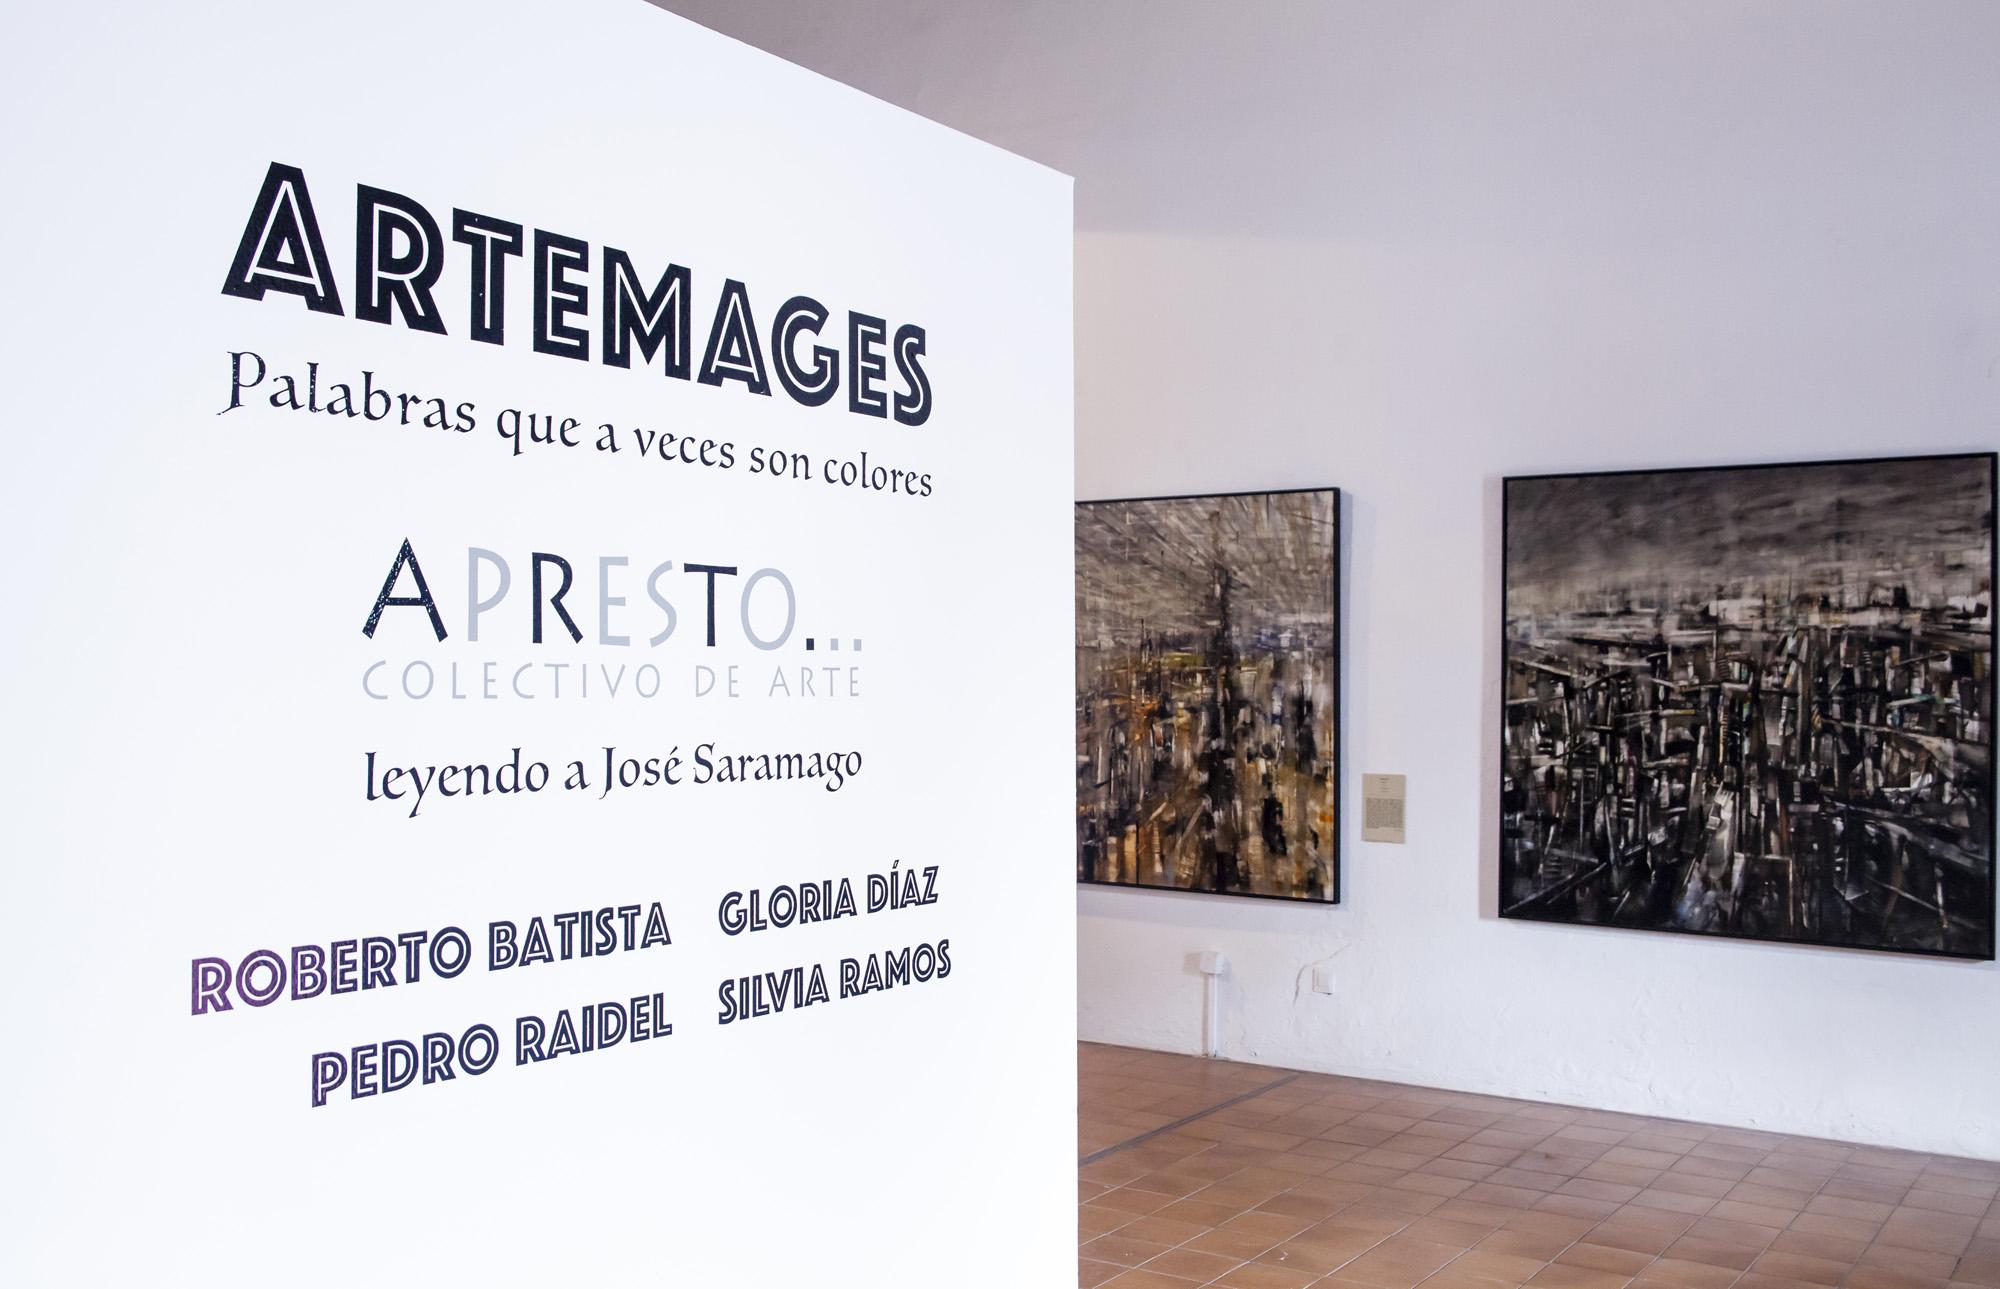 Llega a Teguise la exposición ARTEMAGES inspirada en Saramago